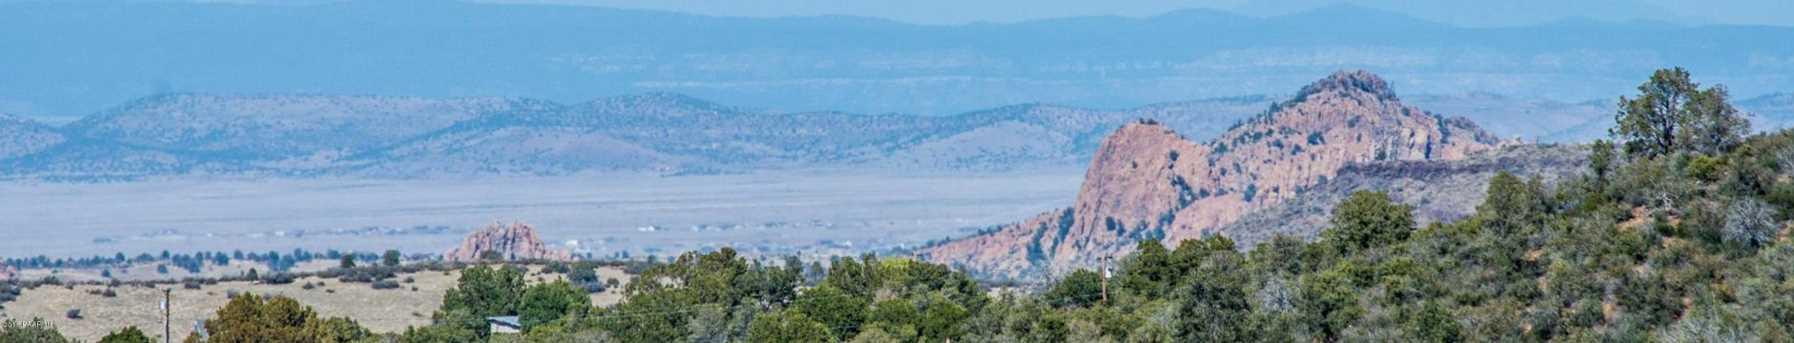 652 Canyon E Drive - Photo 11